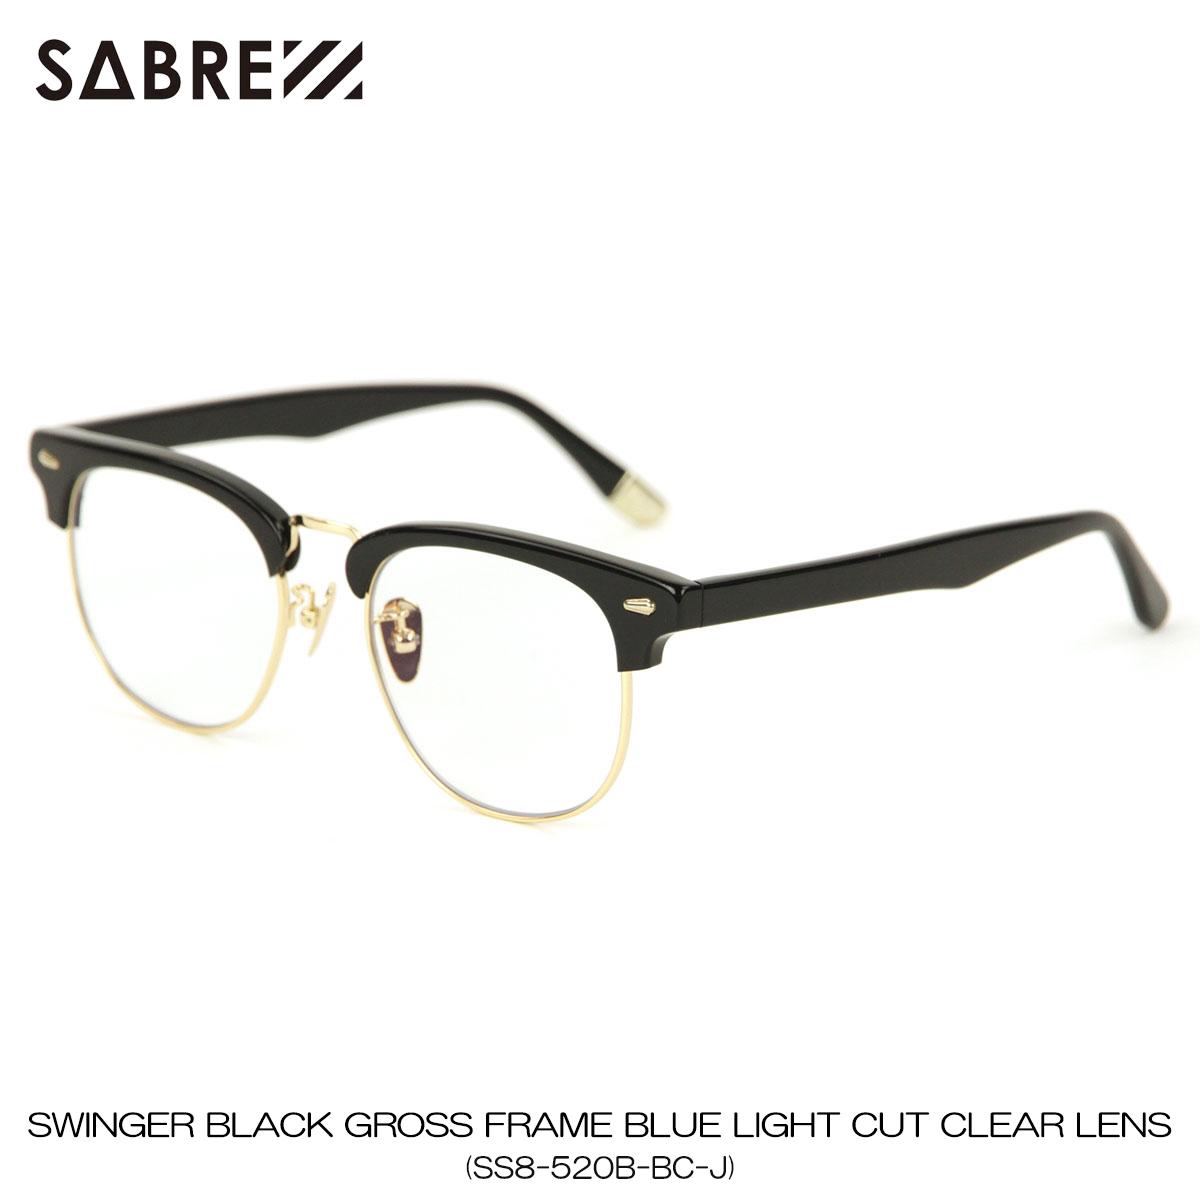 セイバー サングラス 正規販売店 SABRE セイバー スウィンガー ブルーライトカット SWINGER BLACK GROSS FRAME BLUE LIGHT CUT CLEAR LENS SUNGLASS SS8-520B-BC-J A55B B3C C3D D1E E13F